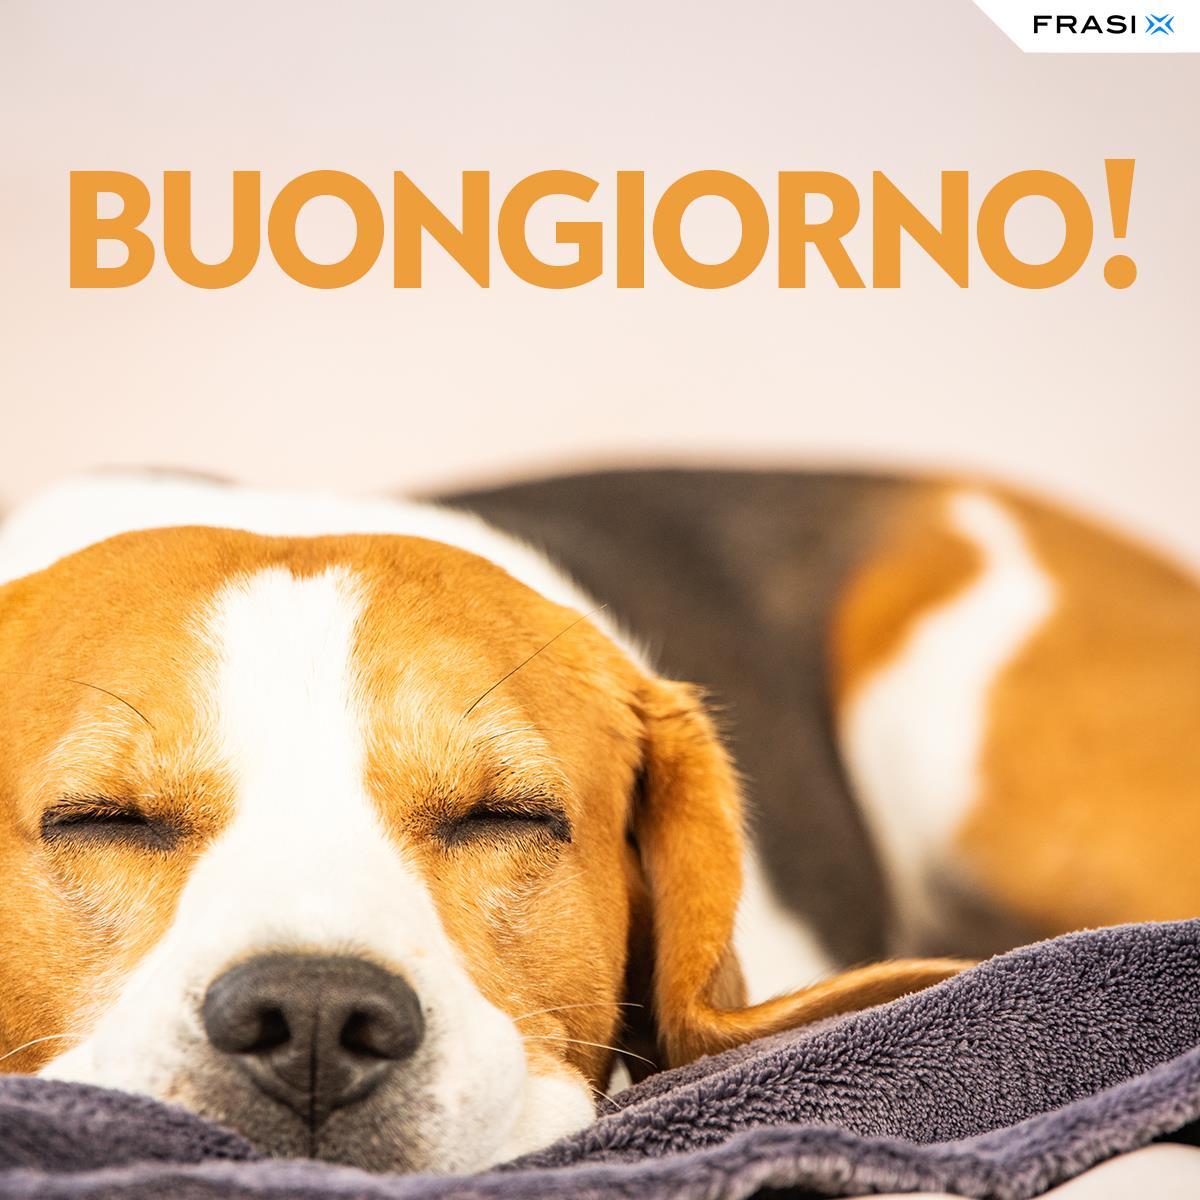 Messaggi buongiorno animali beagle